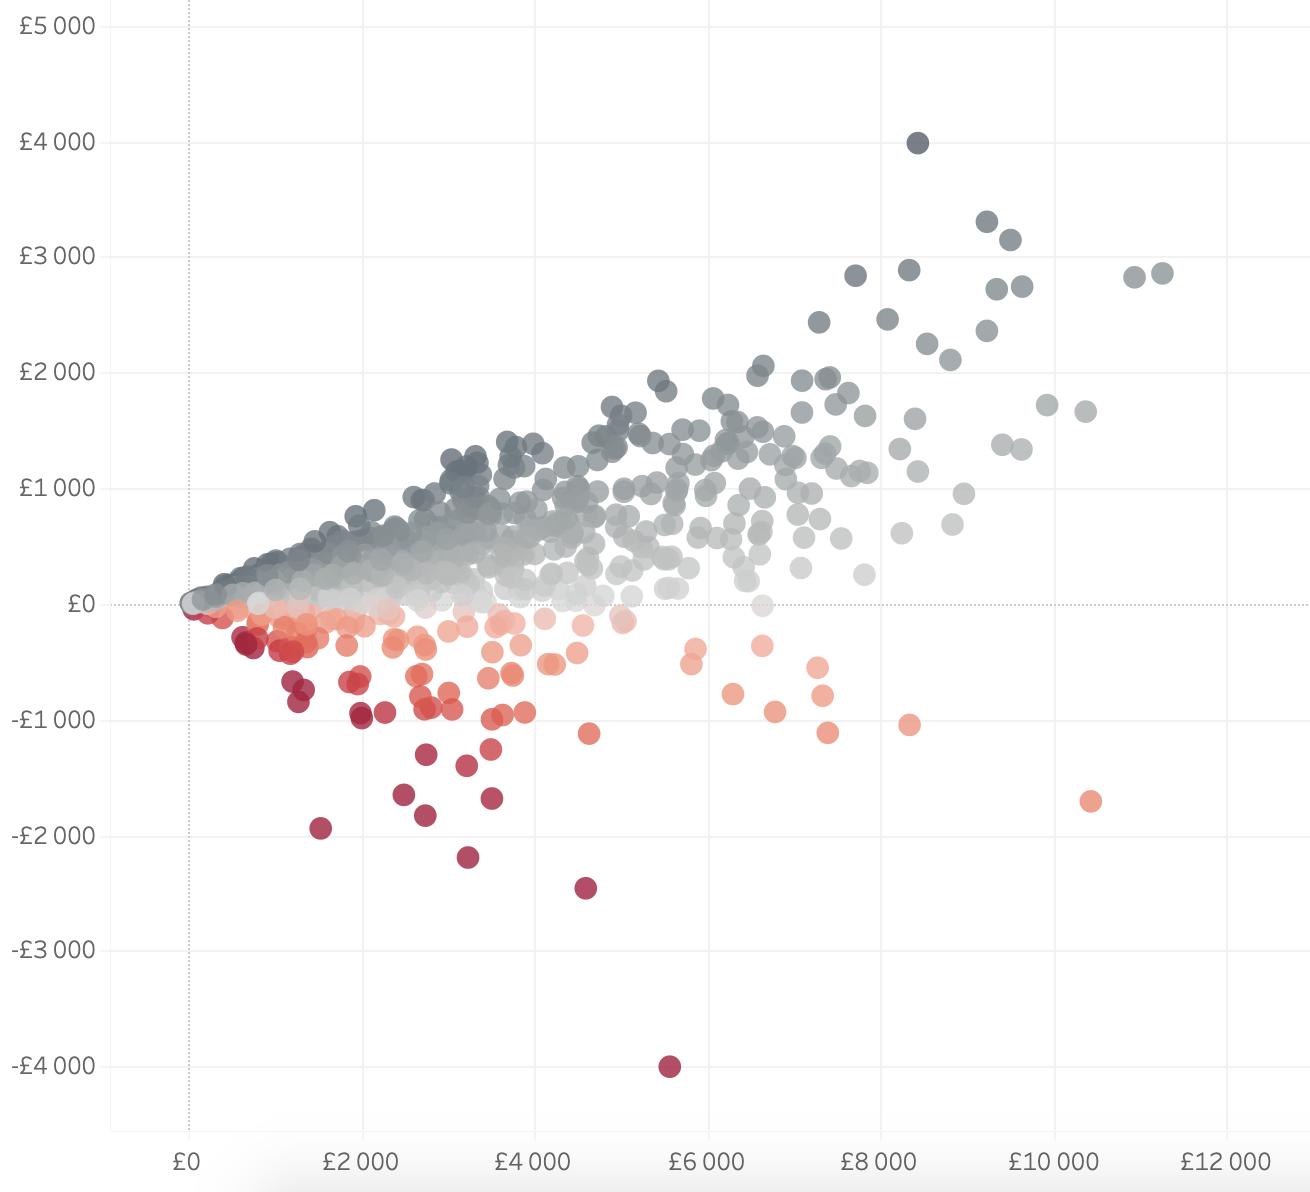 TABLEAU - Tableau on tiedon visualisoinnin ja raportoinnin kärkeä maailmanlaajuisesti. Tehosta analytiikkaasi, tuo data ymmärrettävämpään muotoon ja tee tarkempia päätöksiä.